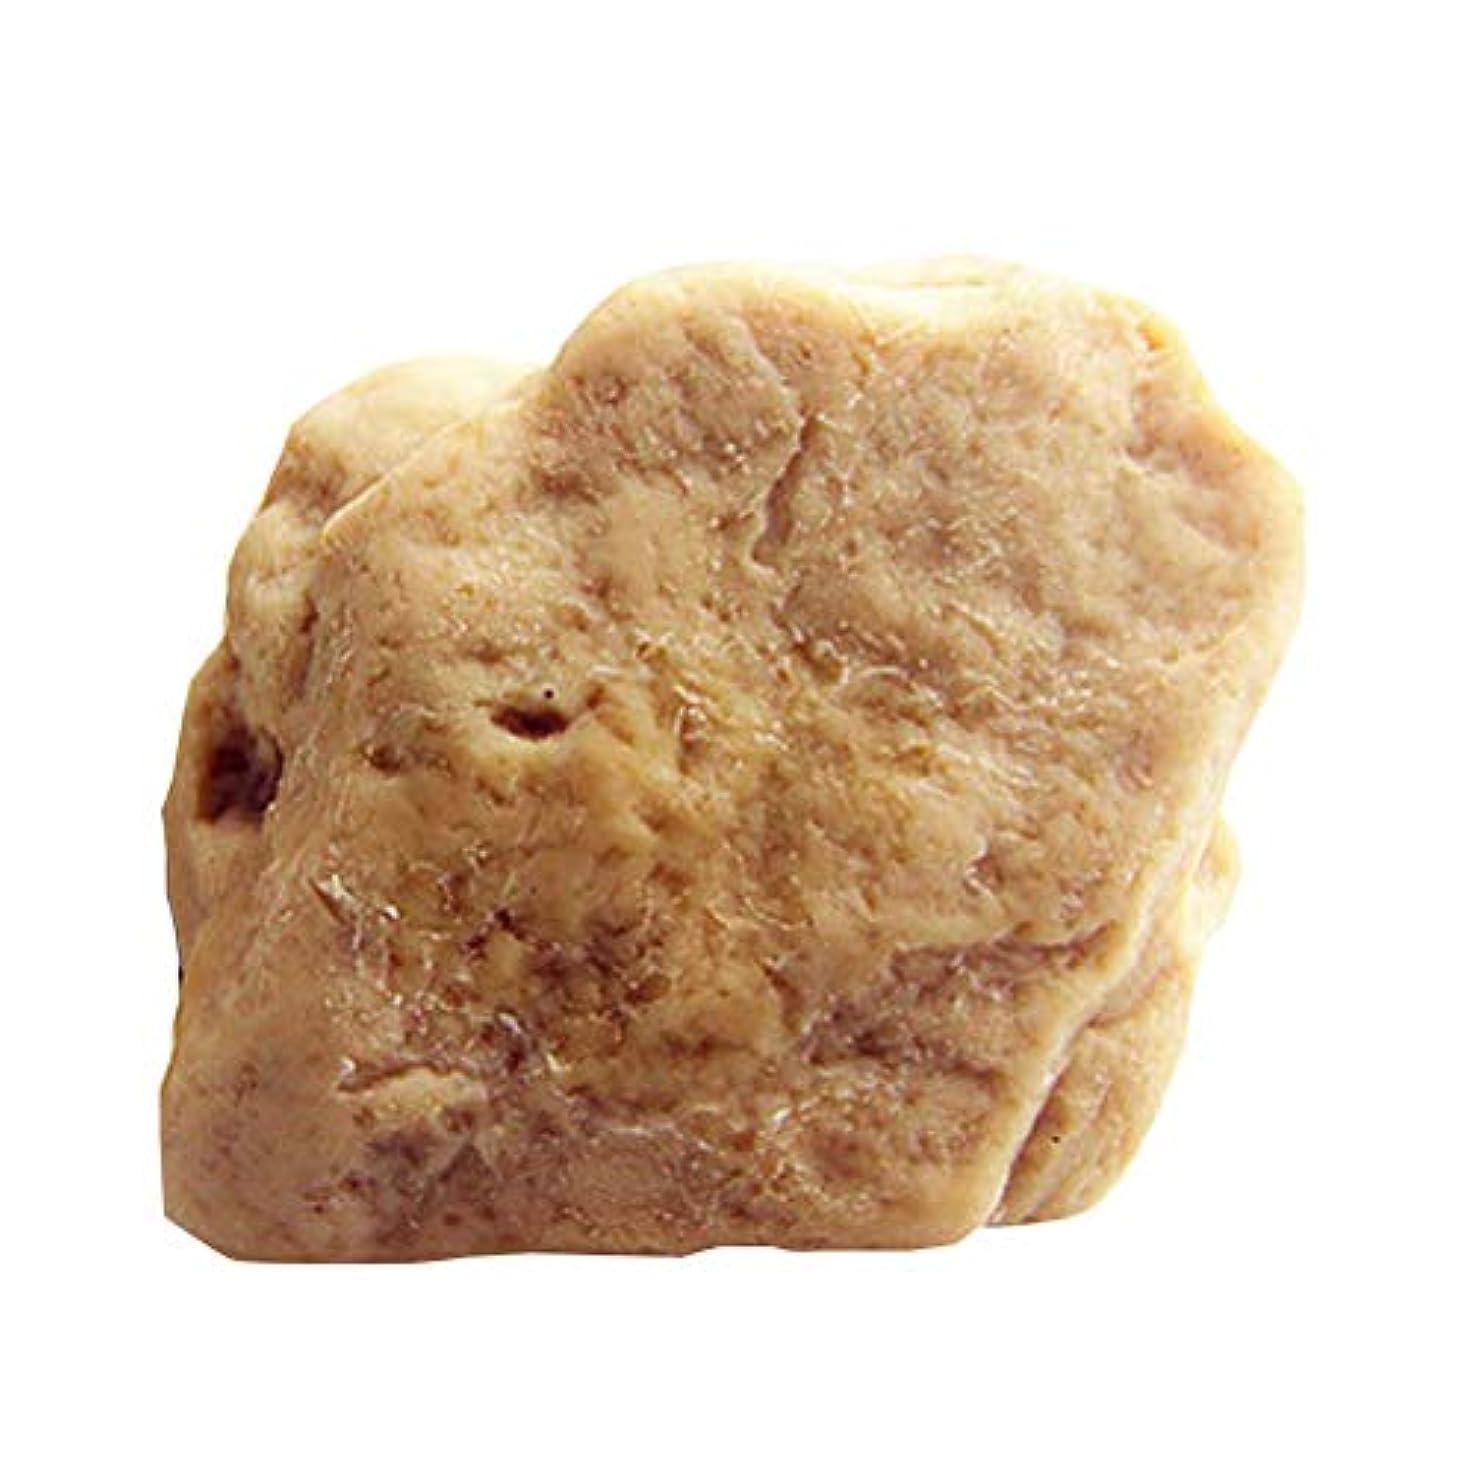 予備結晶吐き出すCreacom オリーブオイル 石鹸 肌に優しい無添加 毛穴 対策 洗顔石鹸 保湿 固形 毛穴 黒ずみ 肌荒れ くすみ ニキビ 美白 美肌 角質除去 肌荒れ 乾燥肌 オイル肌 混合肌 対策 全身可能